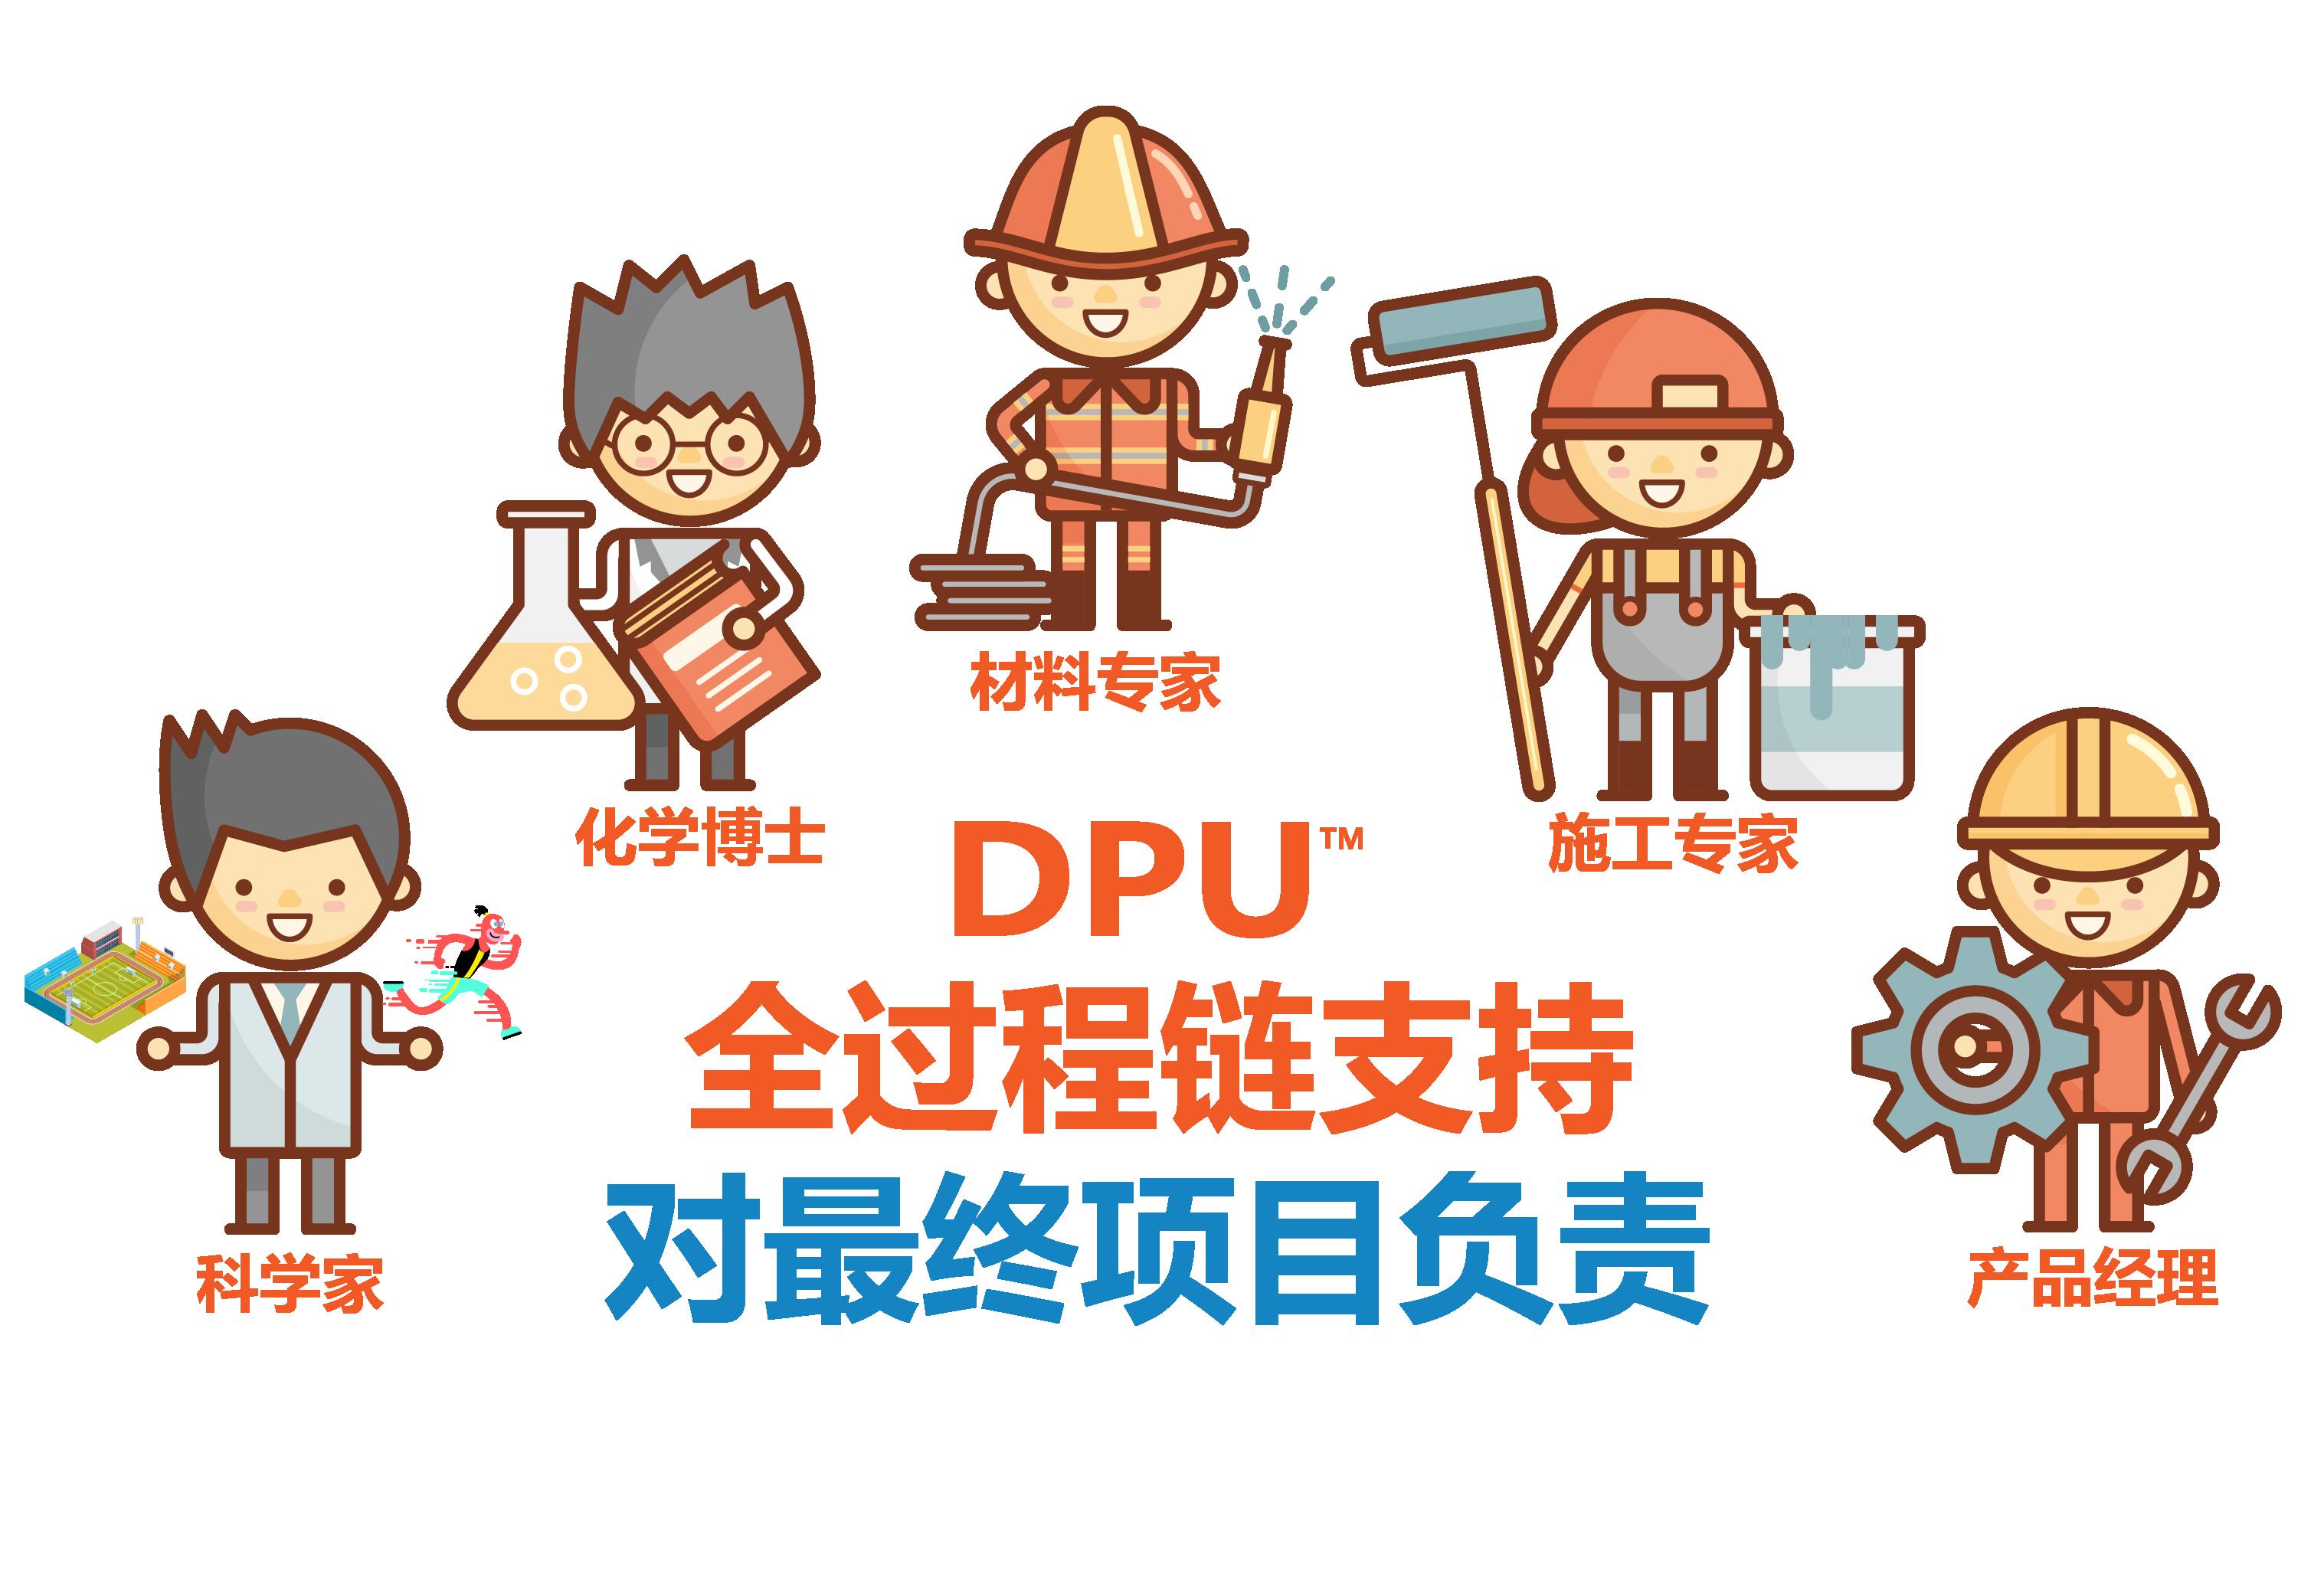 DPU全過程鏈